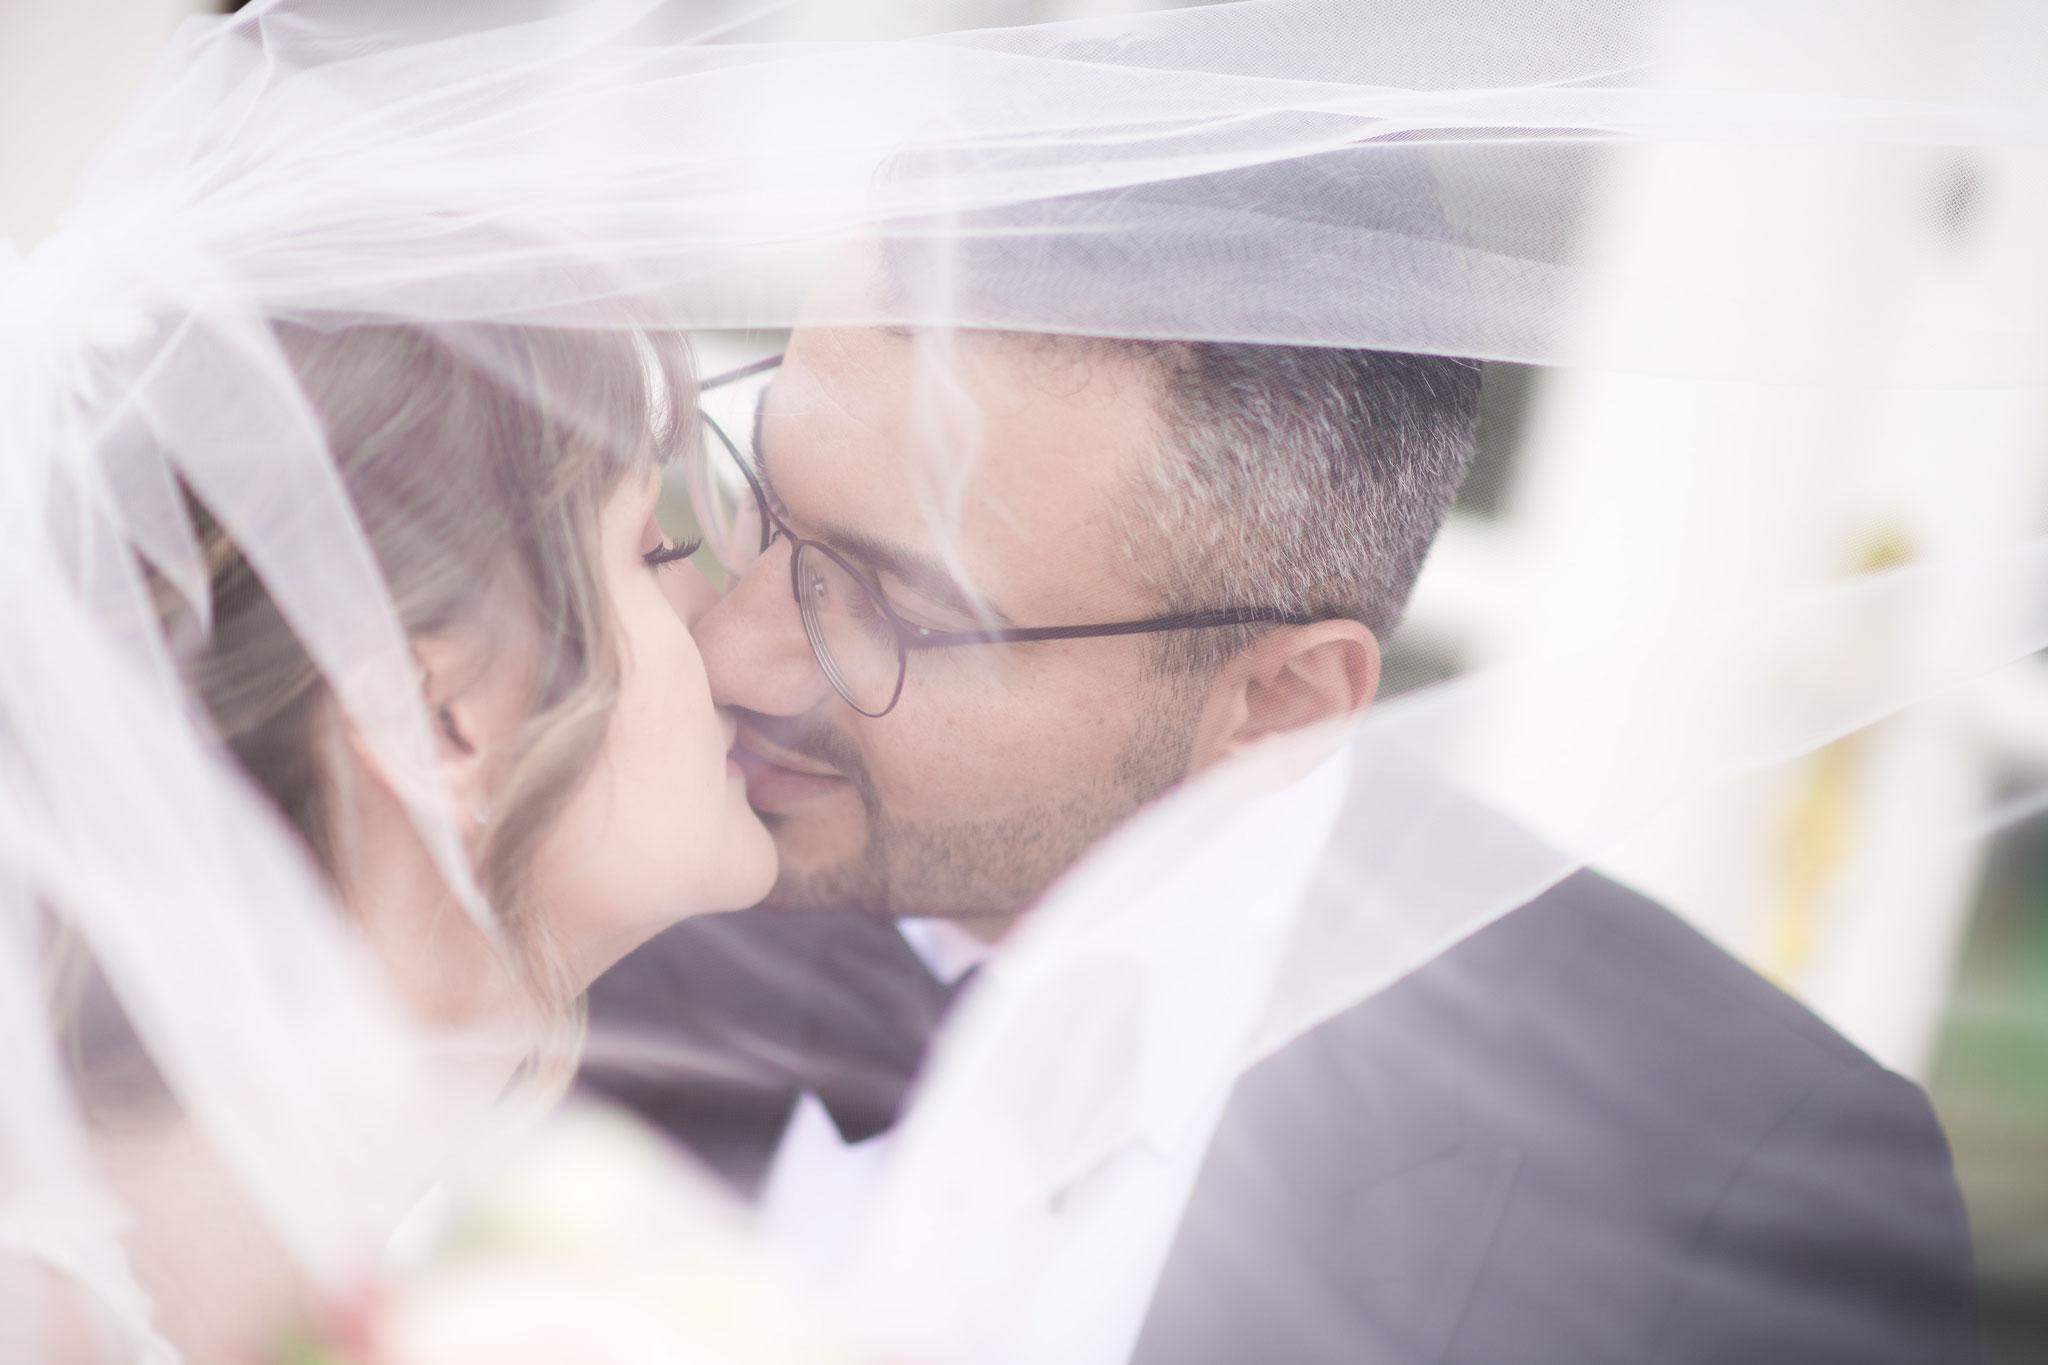 Das Brautpaar beim Küssen durch den Schleier fotografieren